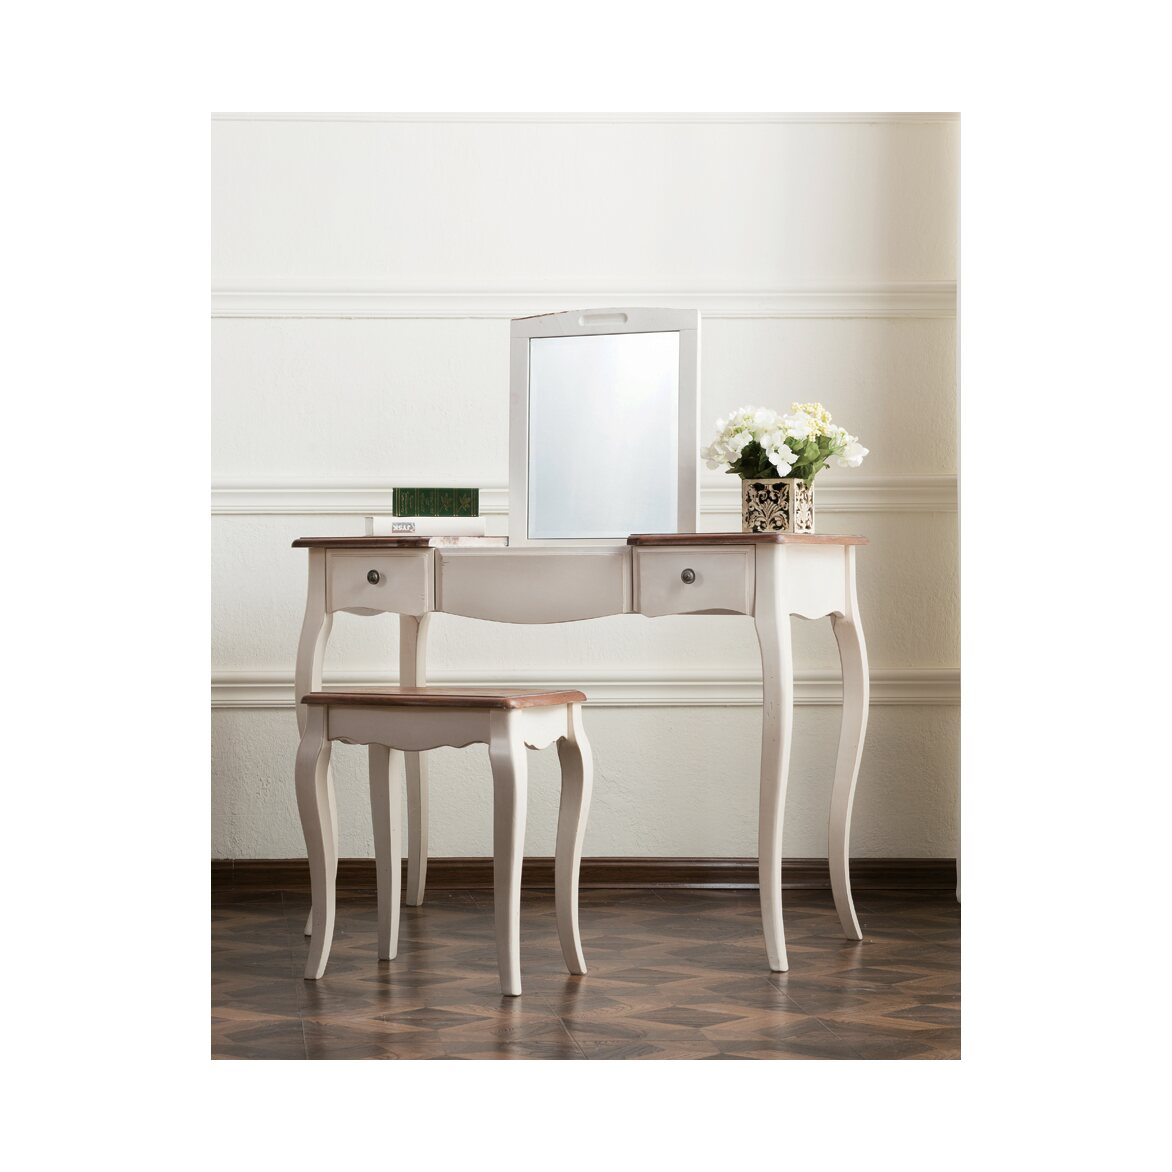 Туалетный столик с зеркалом Leontina, бежевого цвета 10   Туалетные столики Kingsby